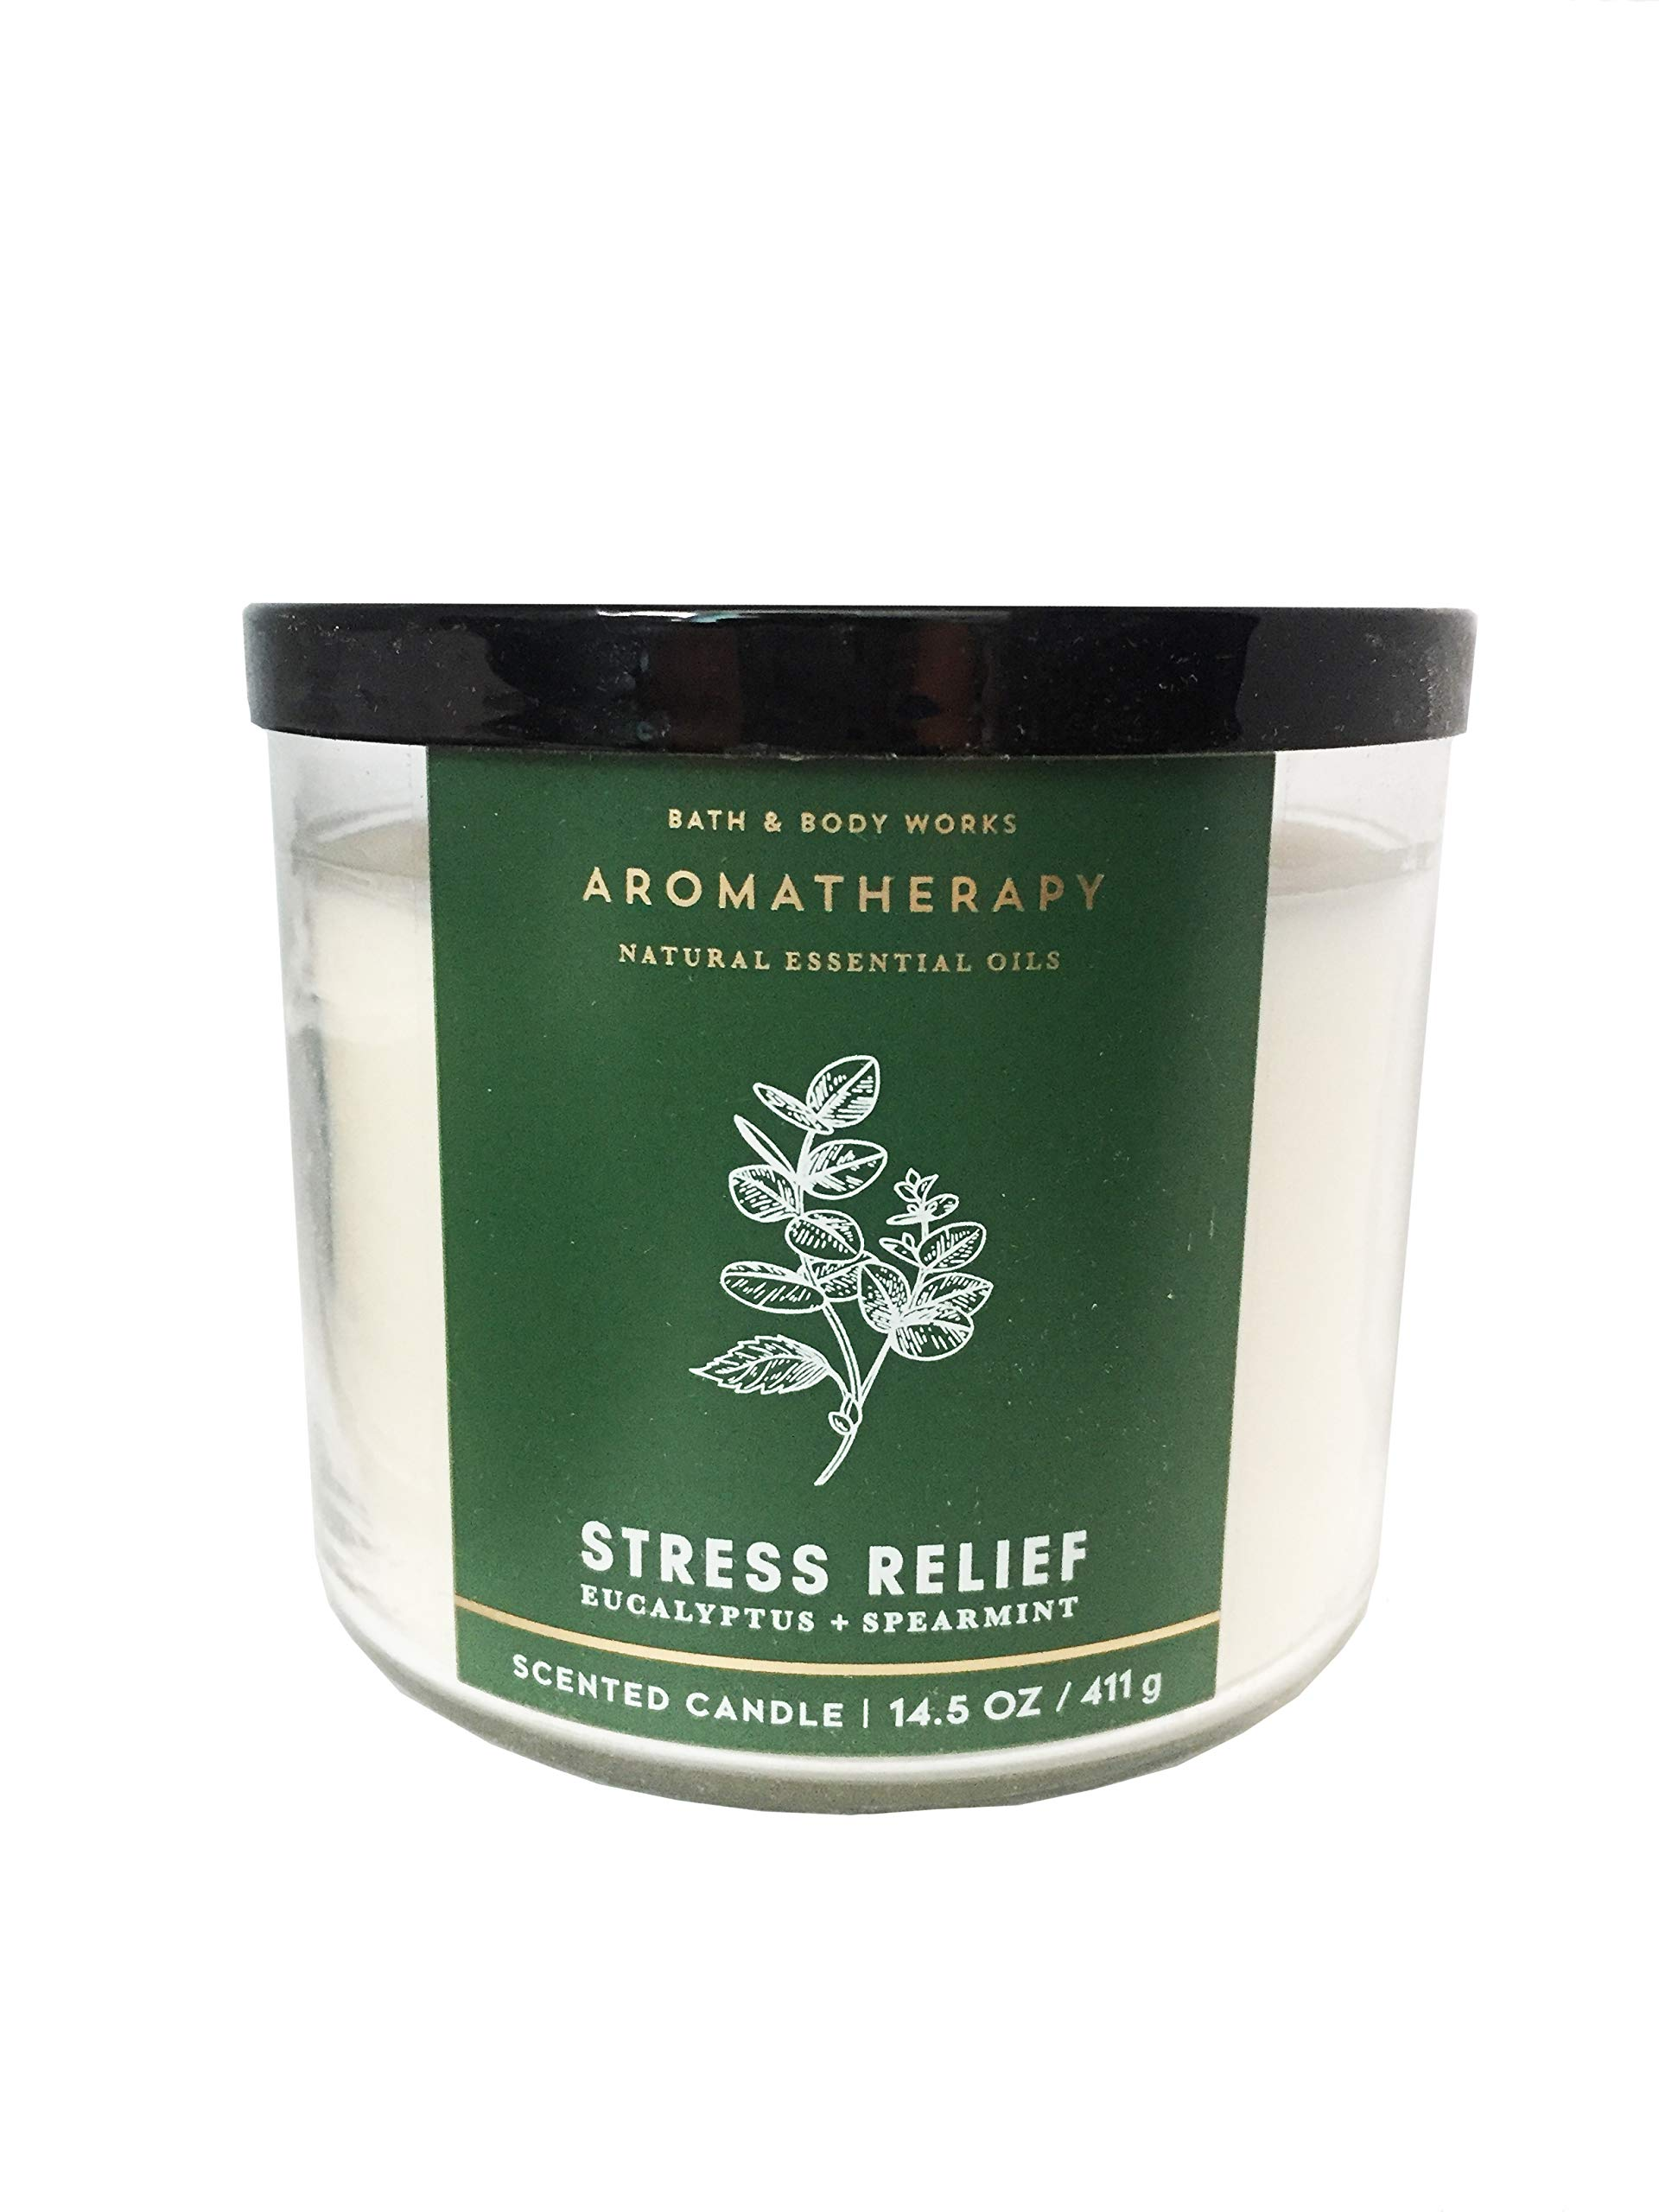 Bath & Body Works Aromatherapy 14.5 oz 3-Wick Candle Stress Relief Eucalyptus Spearmint